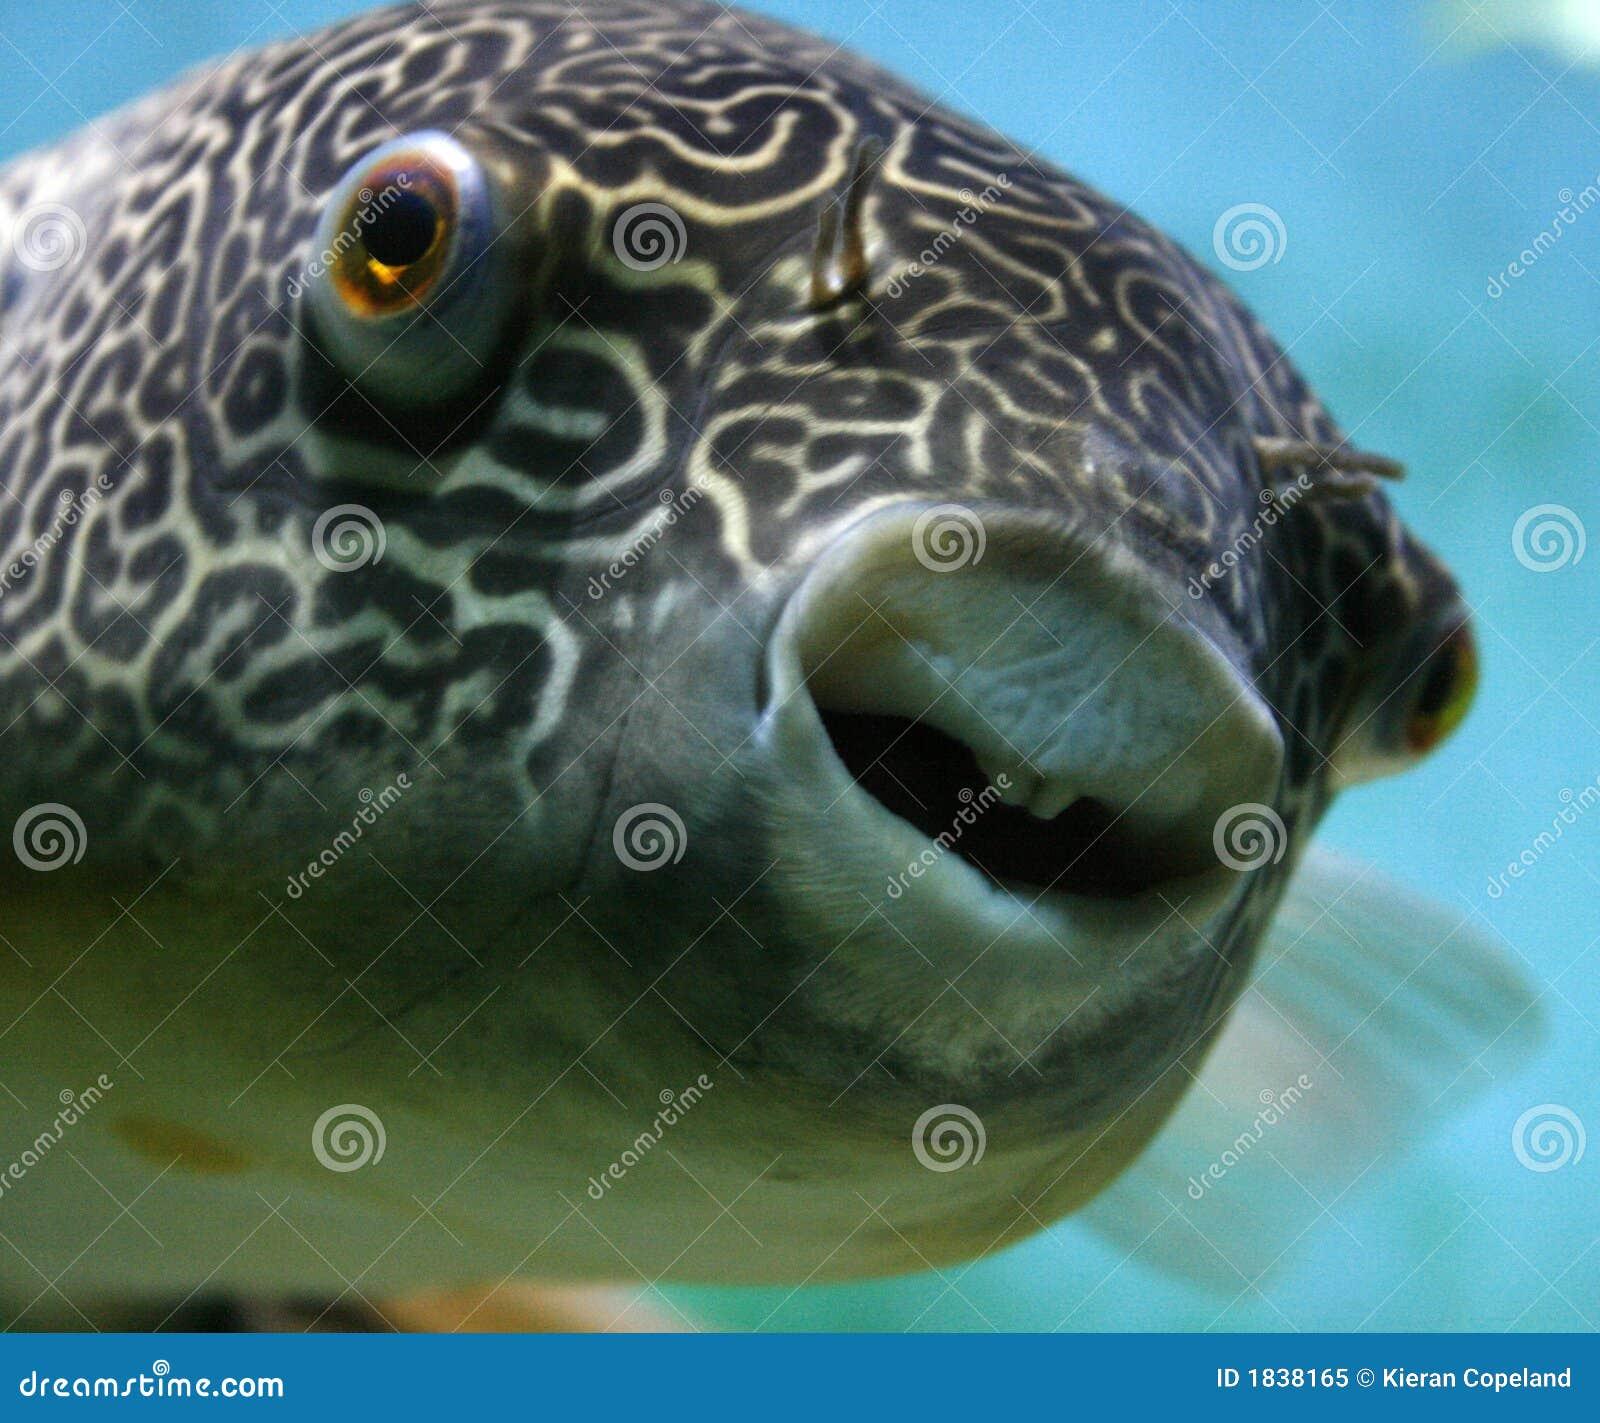 Mbu Pufferfish Royalty Free Stock Photo Image 1838165